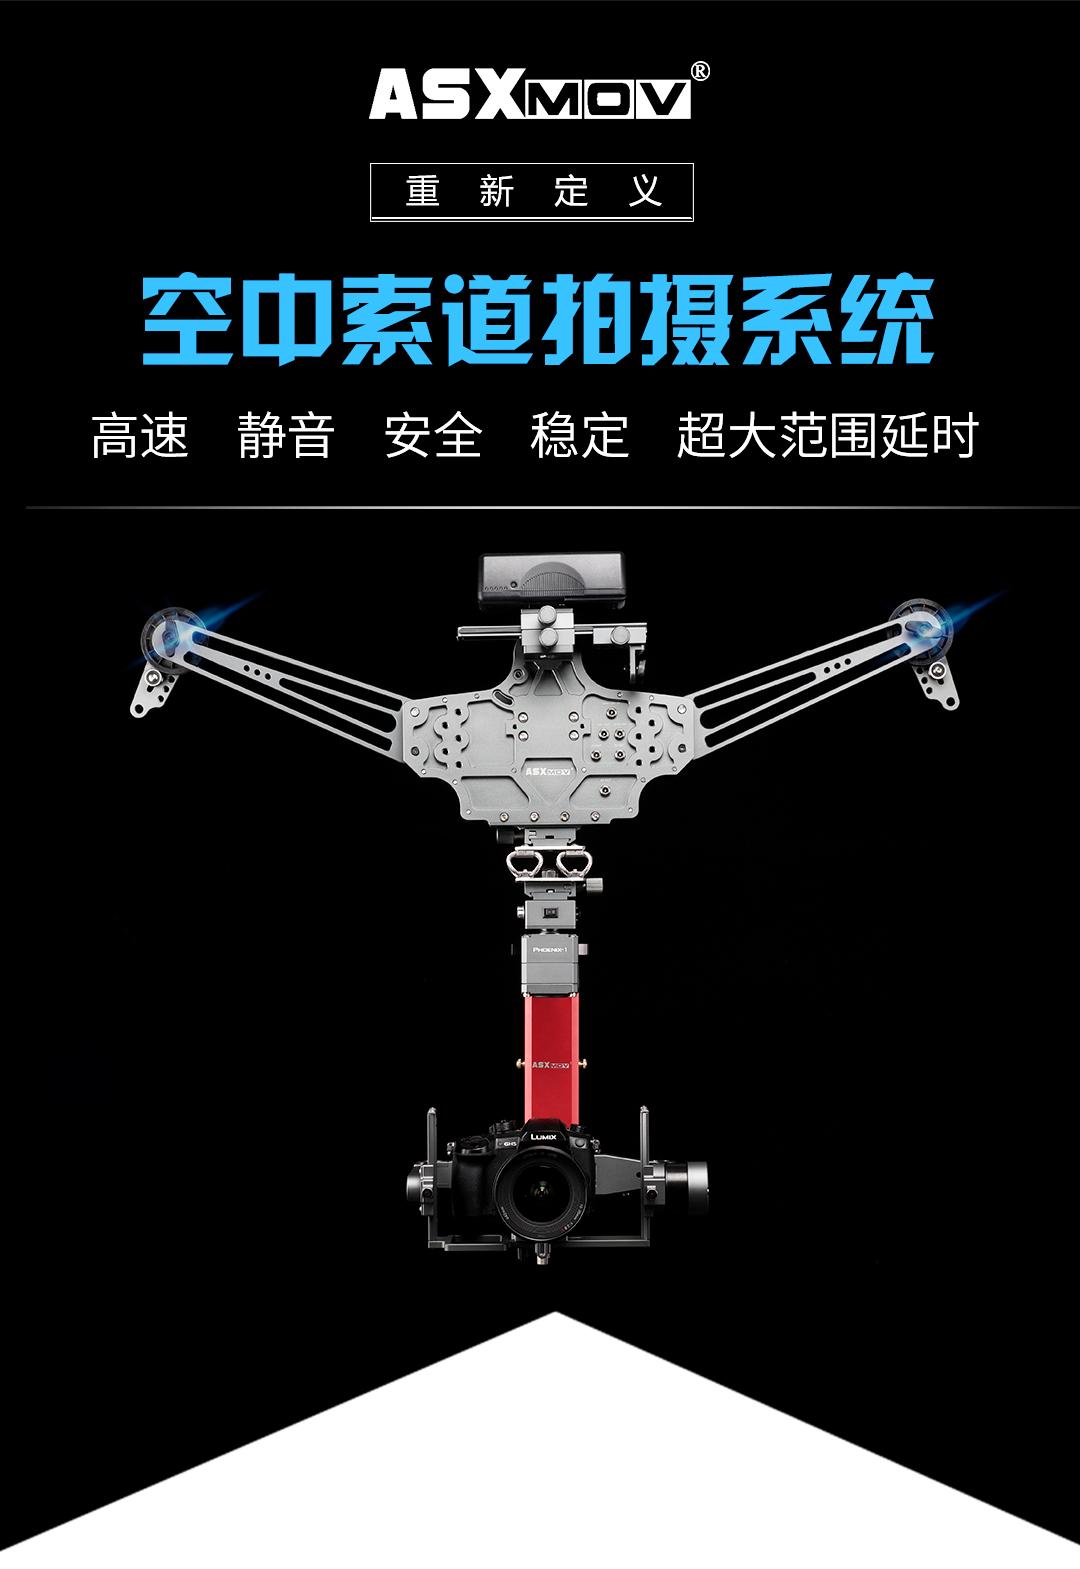 索道拍摄系统-中文版2018.11_01.jpg